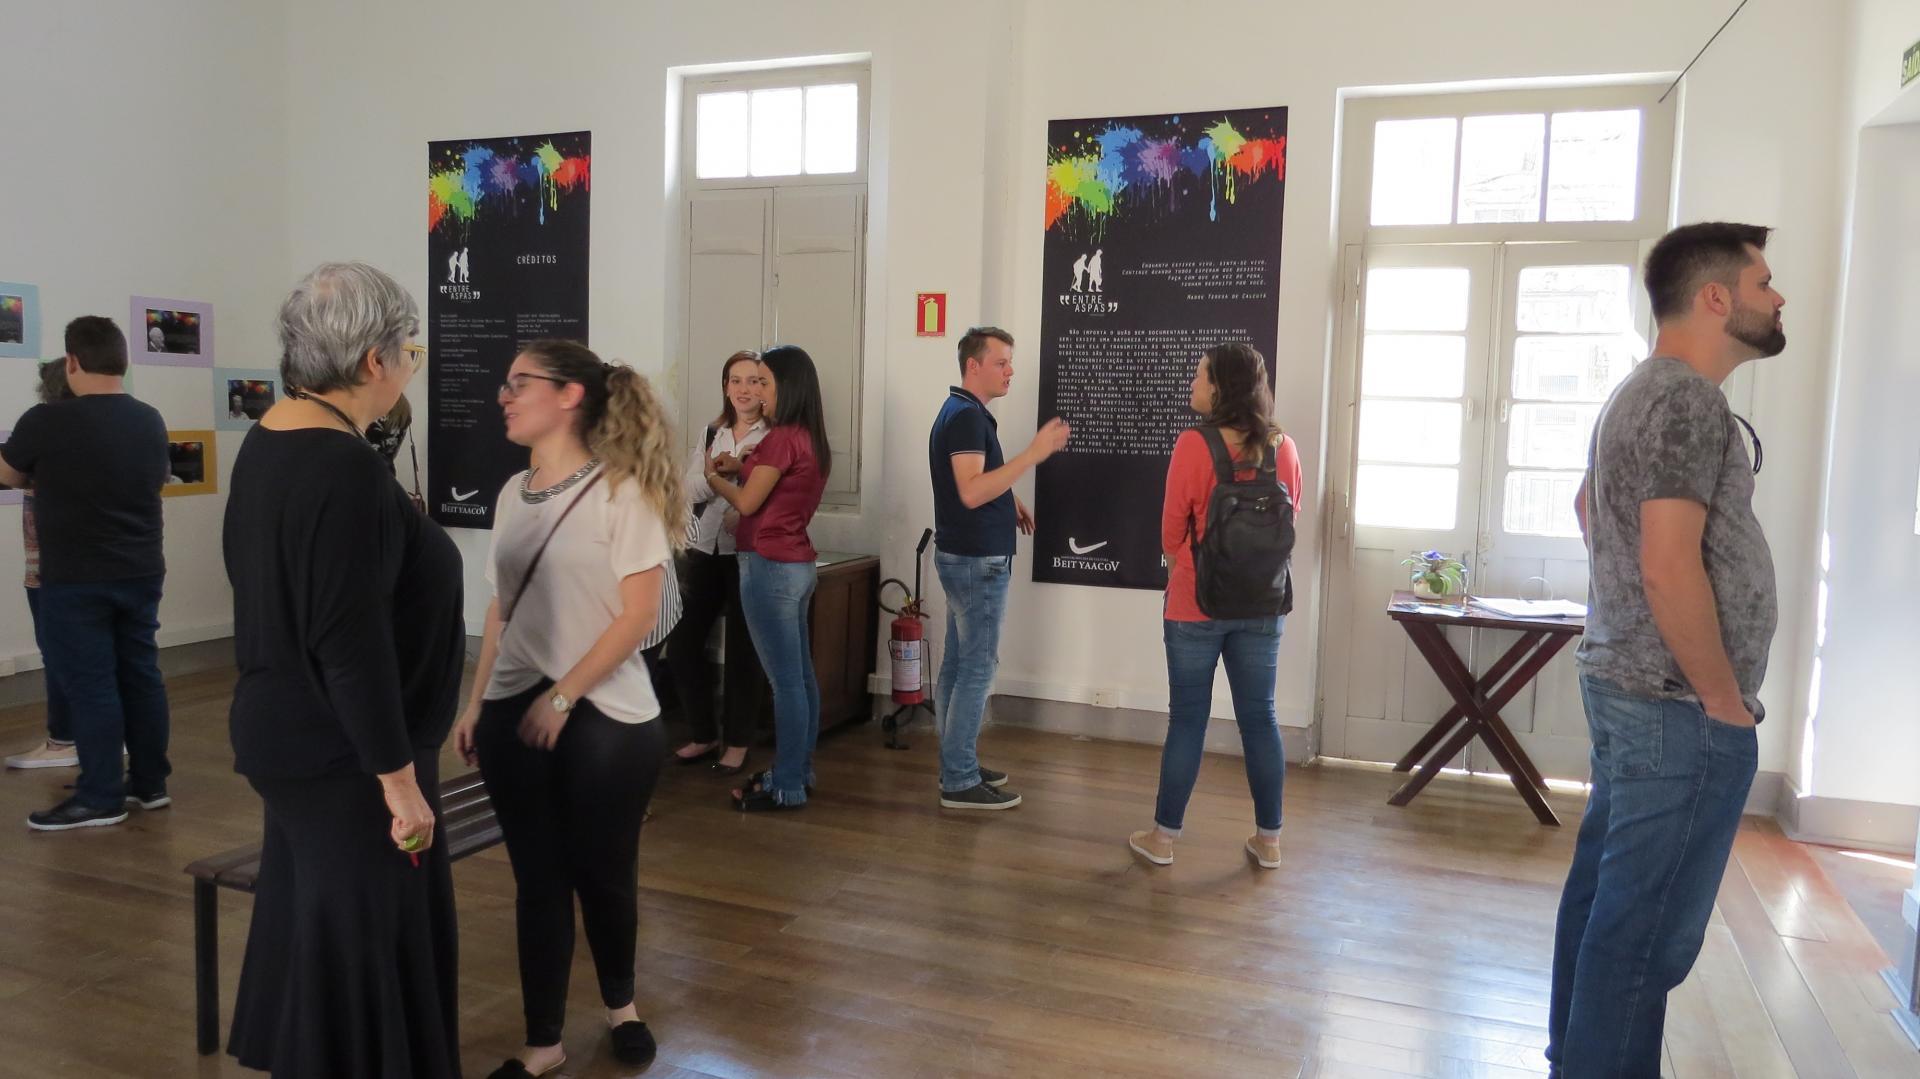 Foto colorida horizontal mostra pessoas em pé em uma sala branca, bem iluminada. Algumas falam entre si, outras apreciam os cartazes afixionados na parede